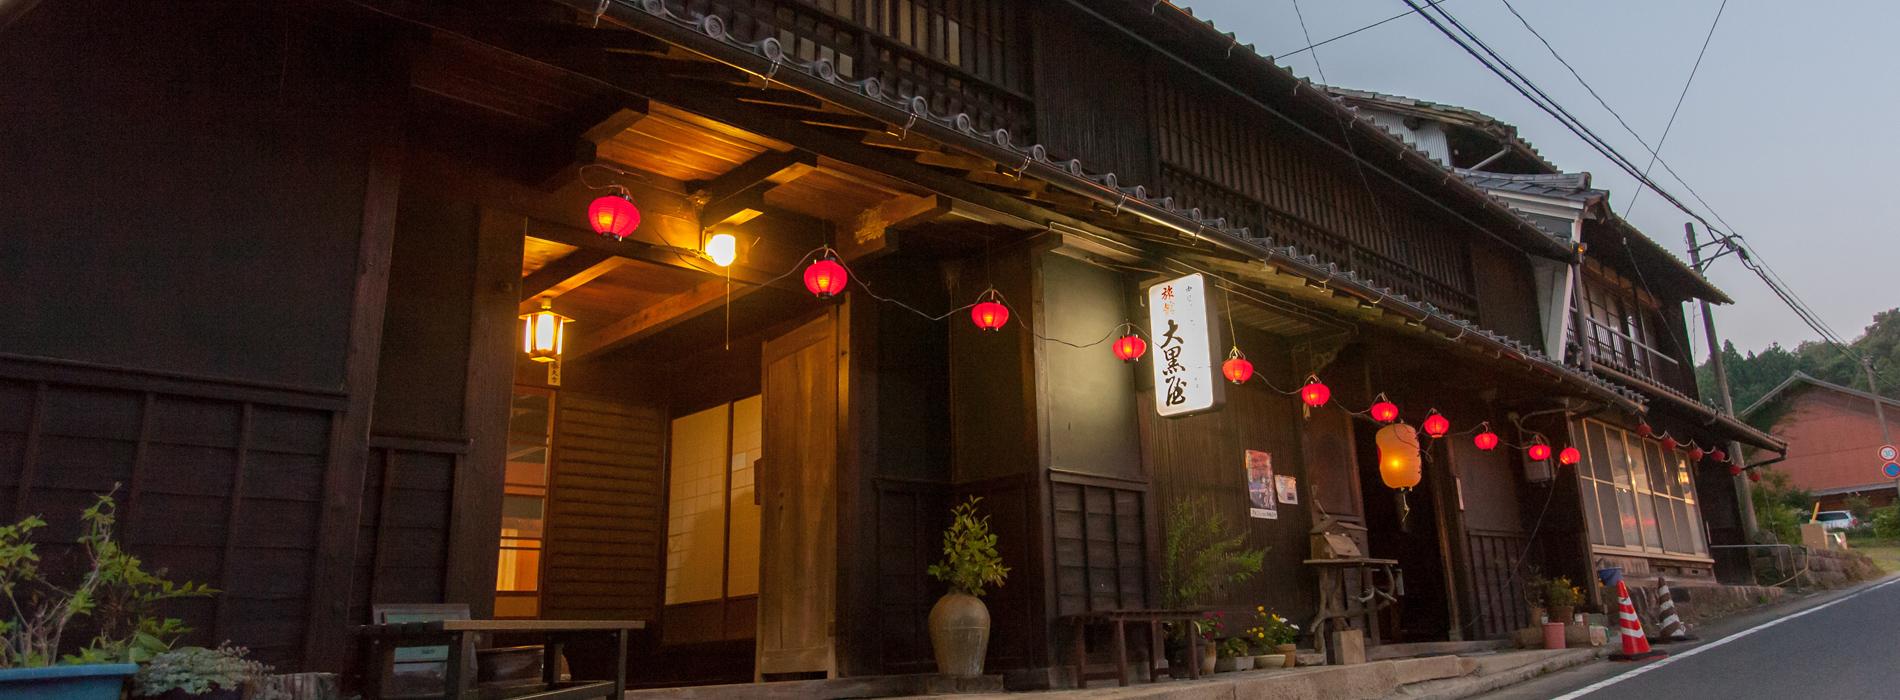 観光タクシー,中山道沿いの町で歴史と芸術に触れるコース,平和コーポレーション株式会社